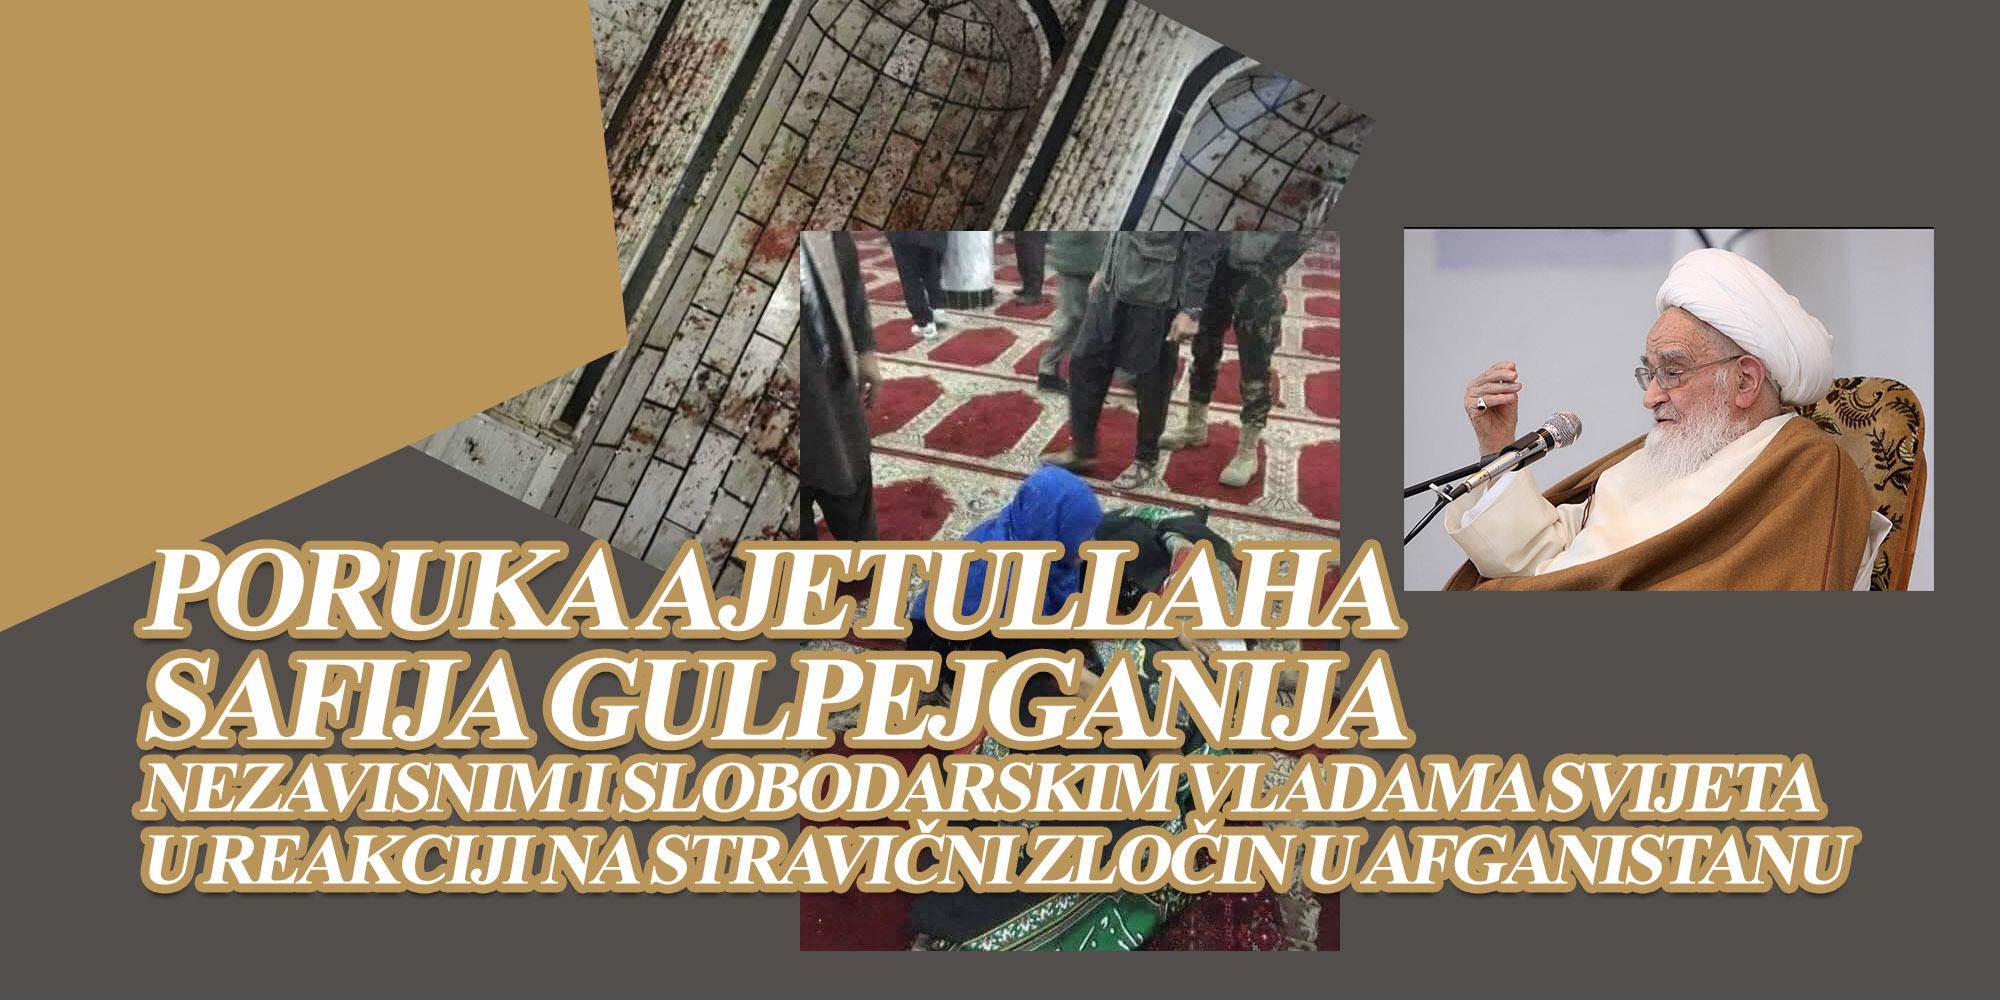 Poruka ajetullaha Safija Gulpejganija u reakciji na stravični zločin u Afganistanu